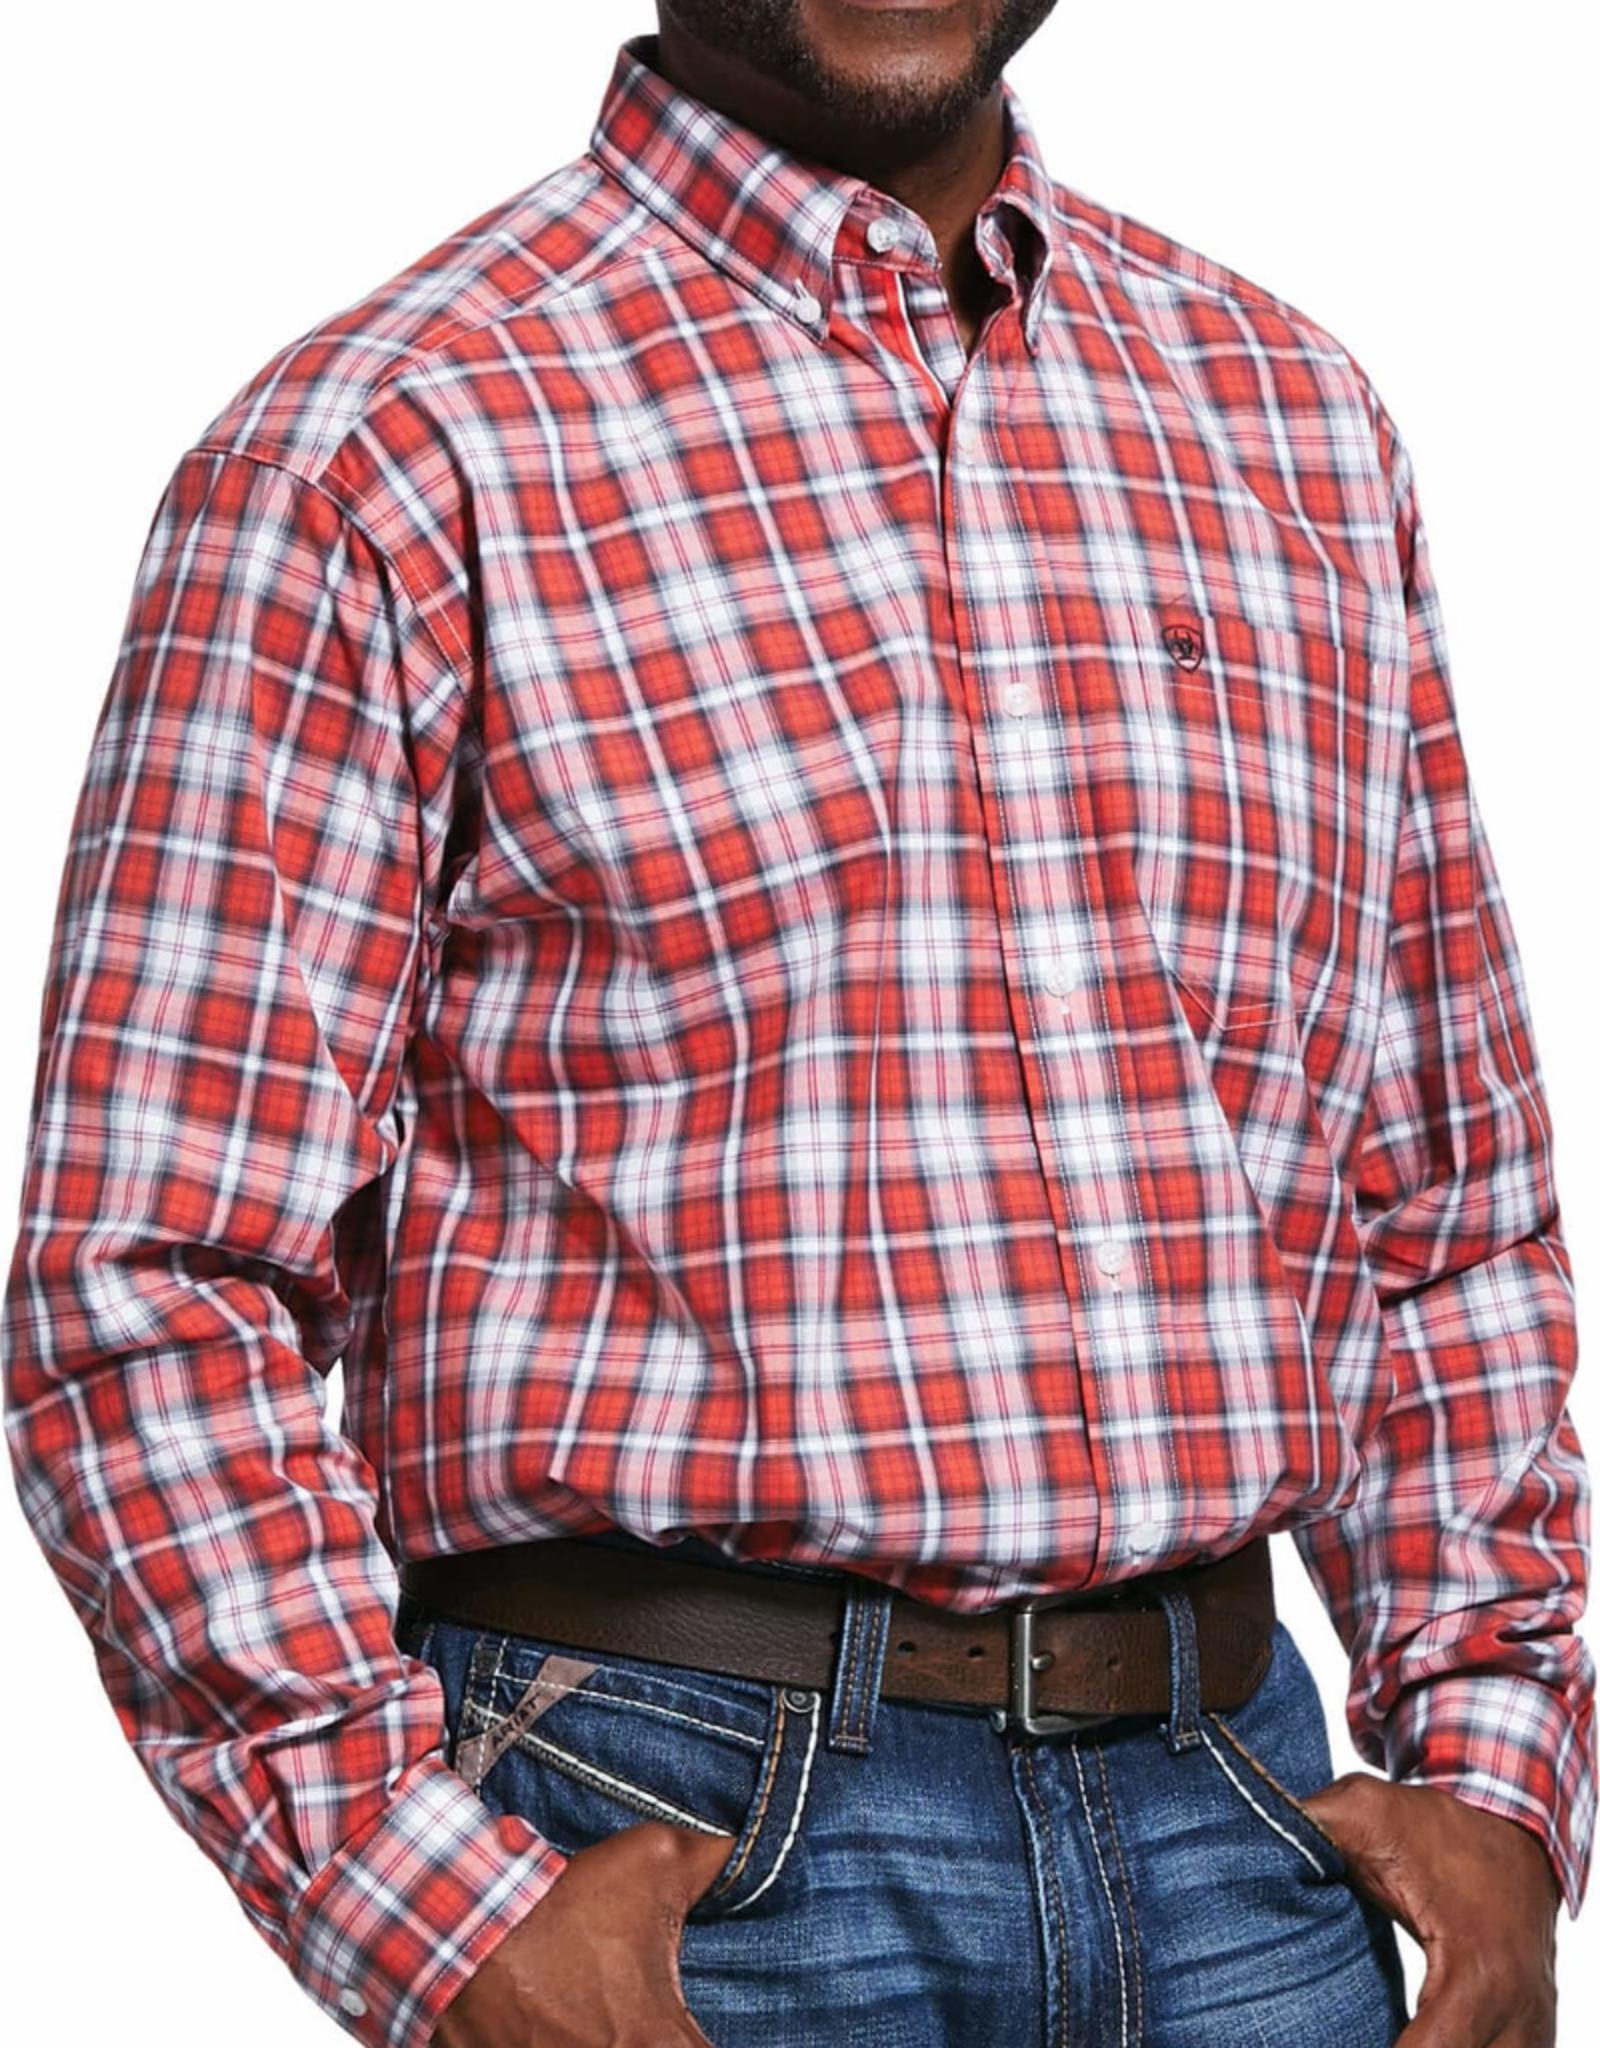 Ariat Ariat Grant Plaid Shirt